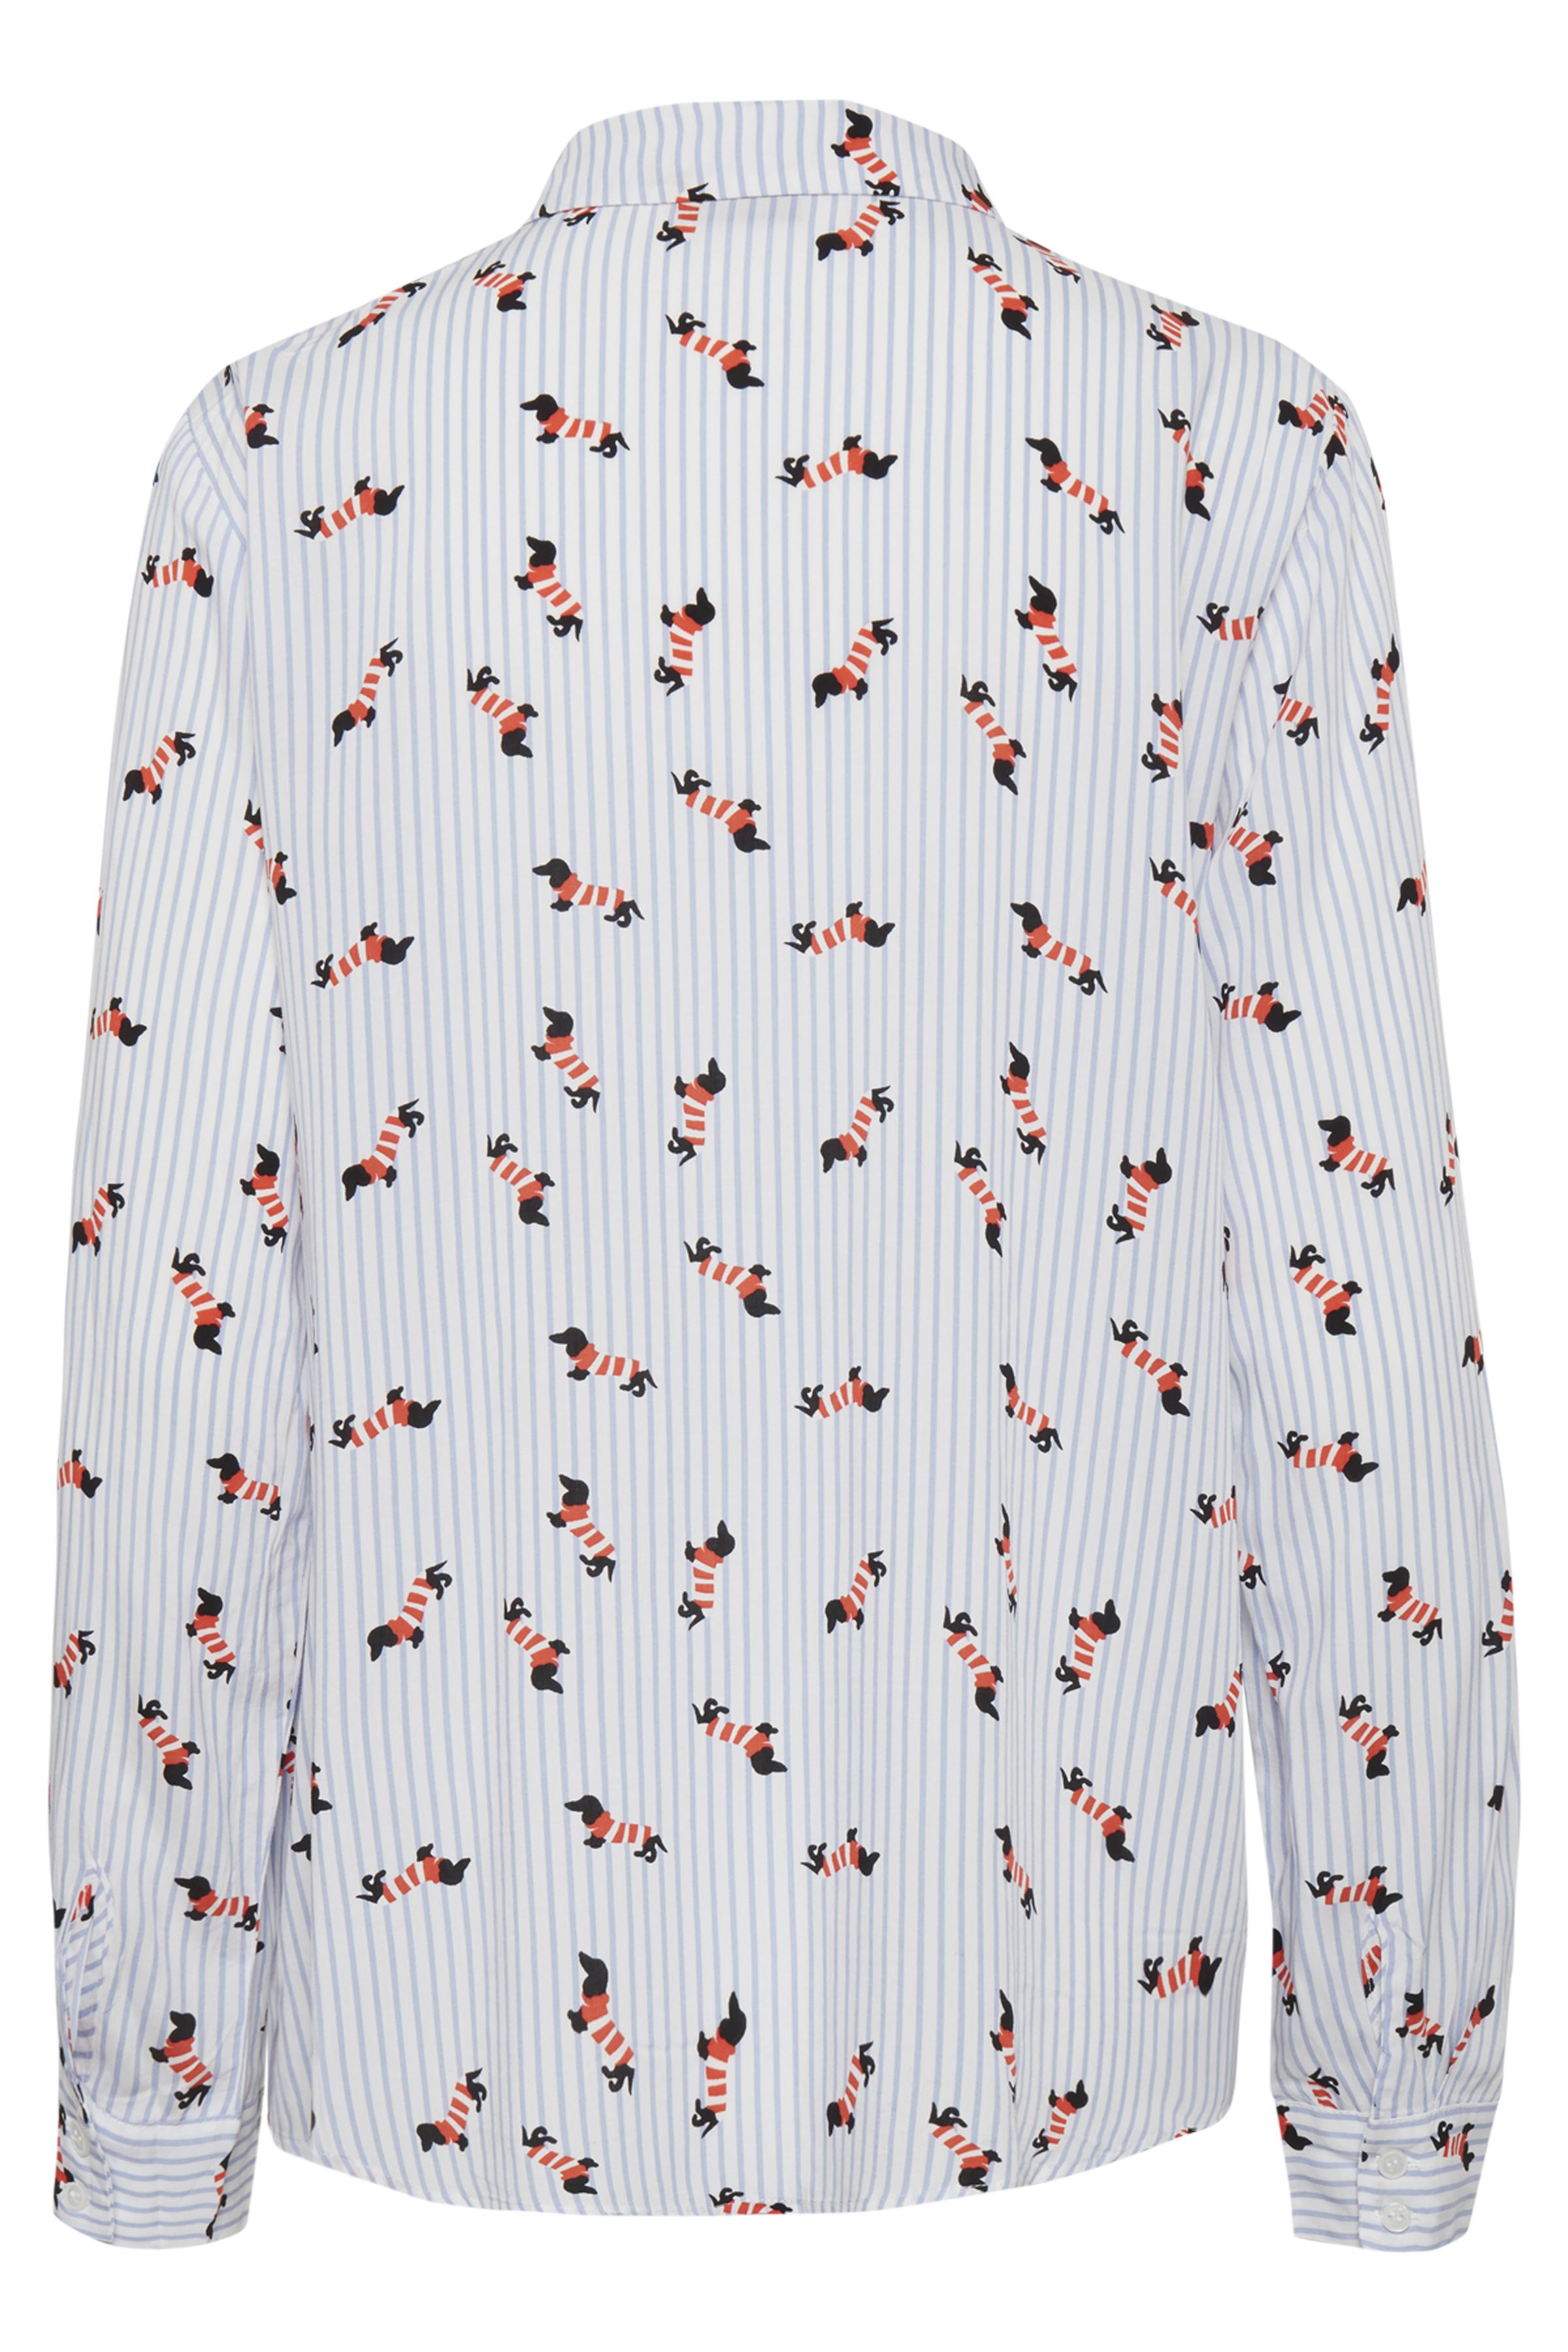 Dog Sky Blue Combi 3 Langærmet skjorte fra b.young – Køb Dog Sky Blue Combi 3 Langærmet skjorte fra str. 34-46 her